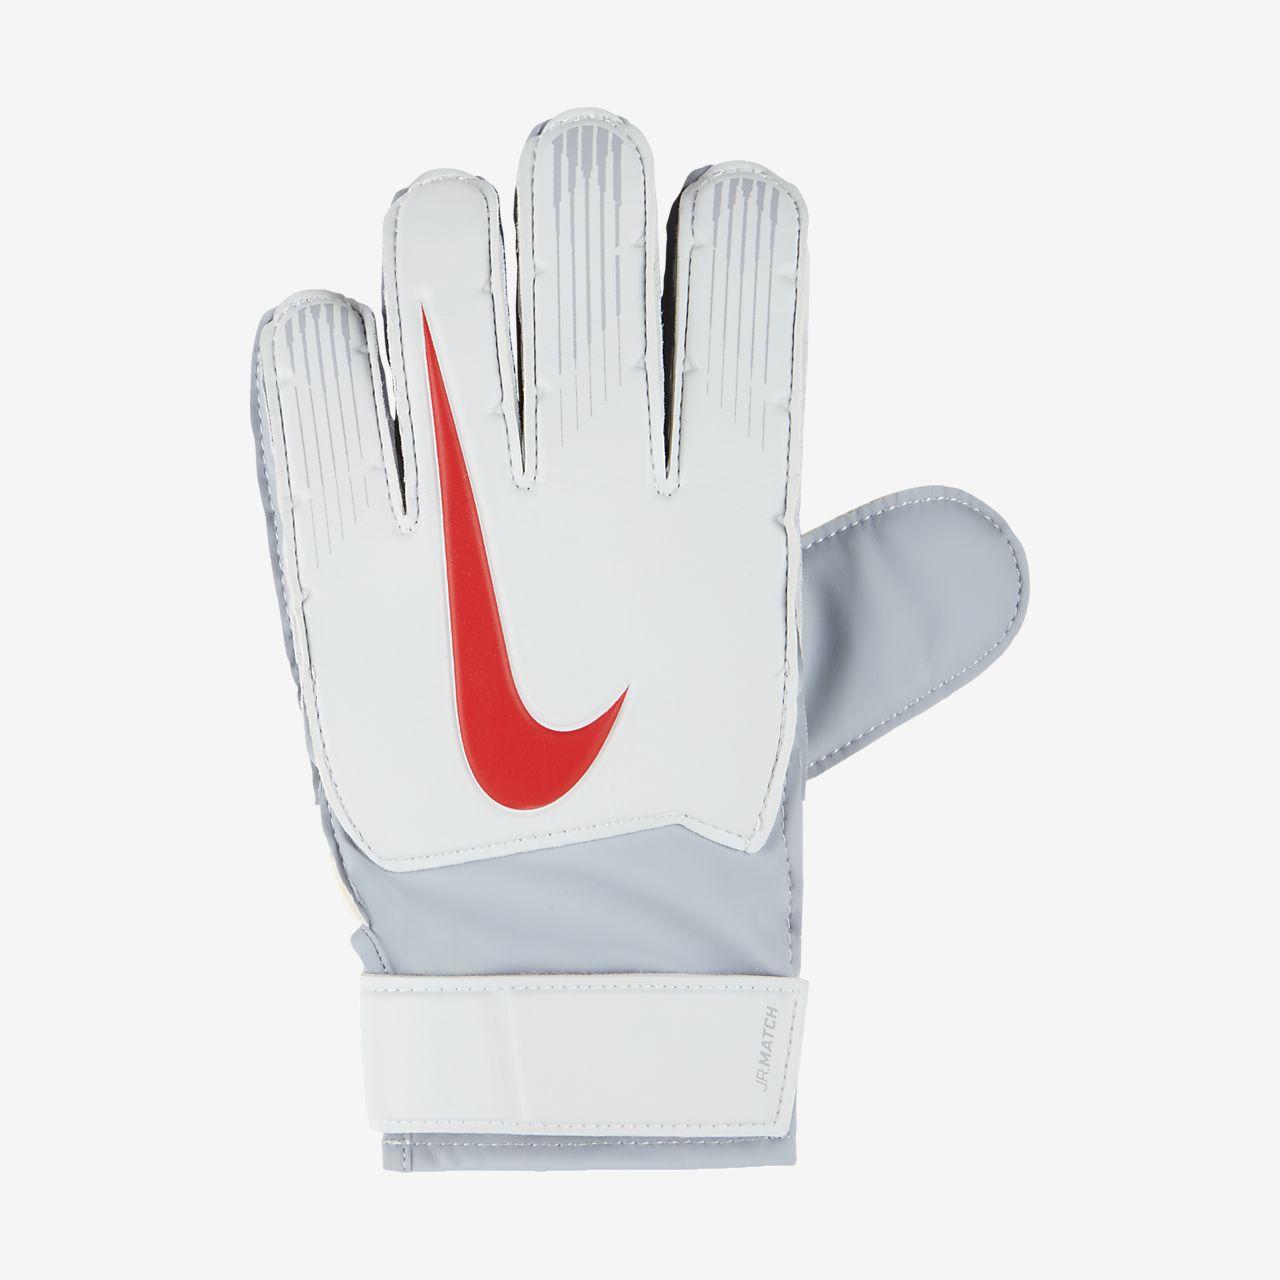 Παιδικά γάντια ποδοσφαίρου Nike Junior Match Goalkeeper